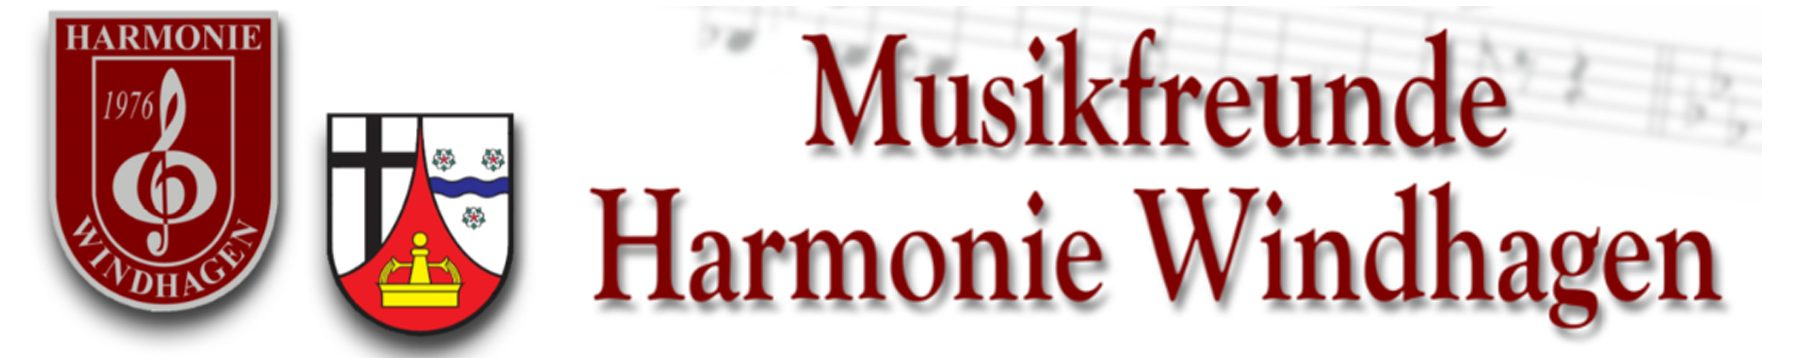 Willkommen bei der Harmonie Windhagen